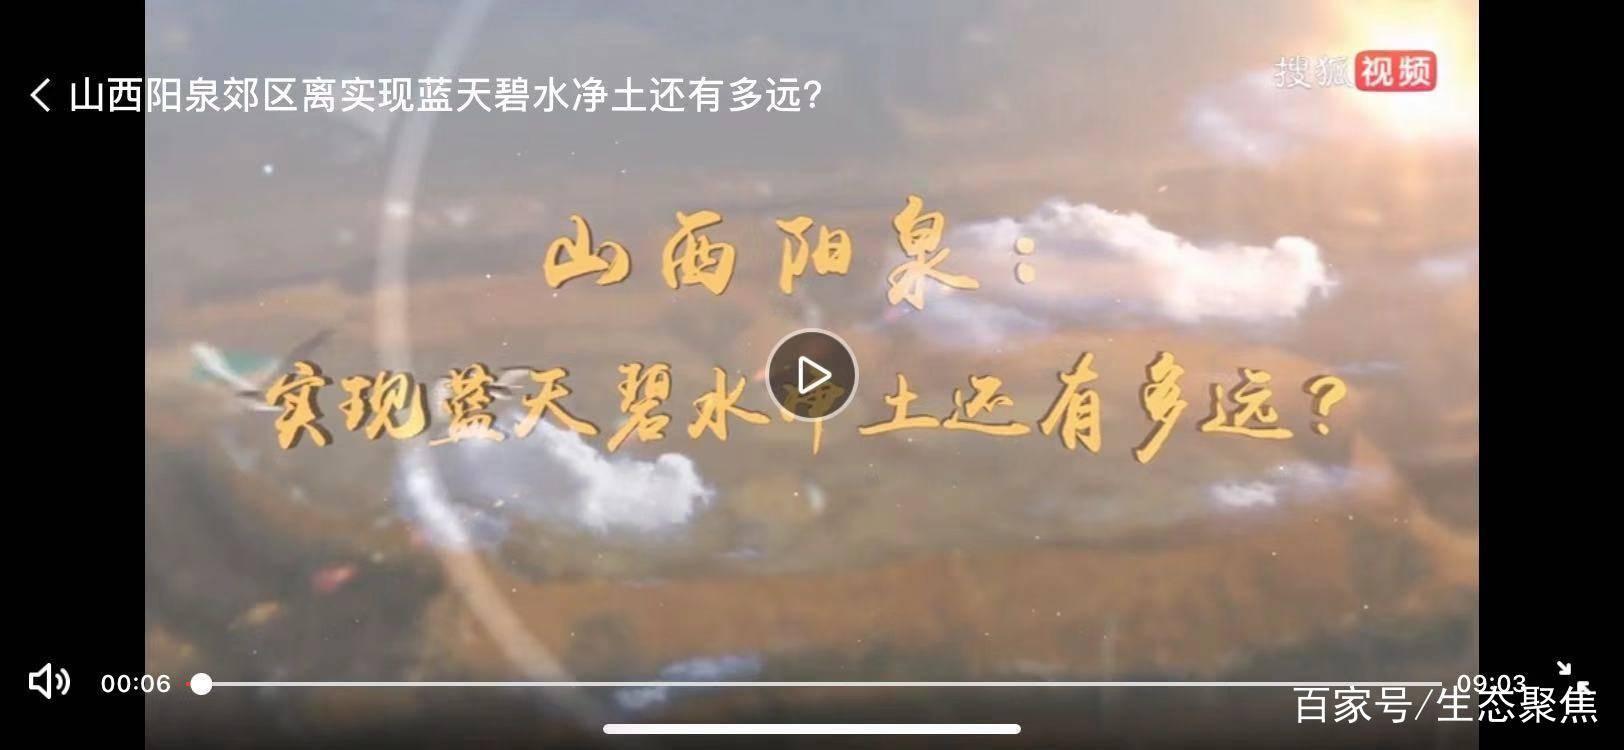 山西阳泉郊区40多家企业污染环境,生态环境治理遭质疑